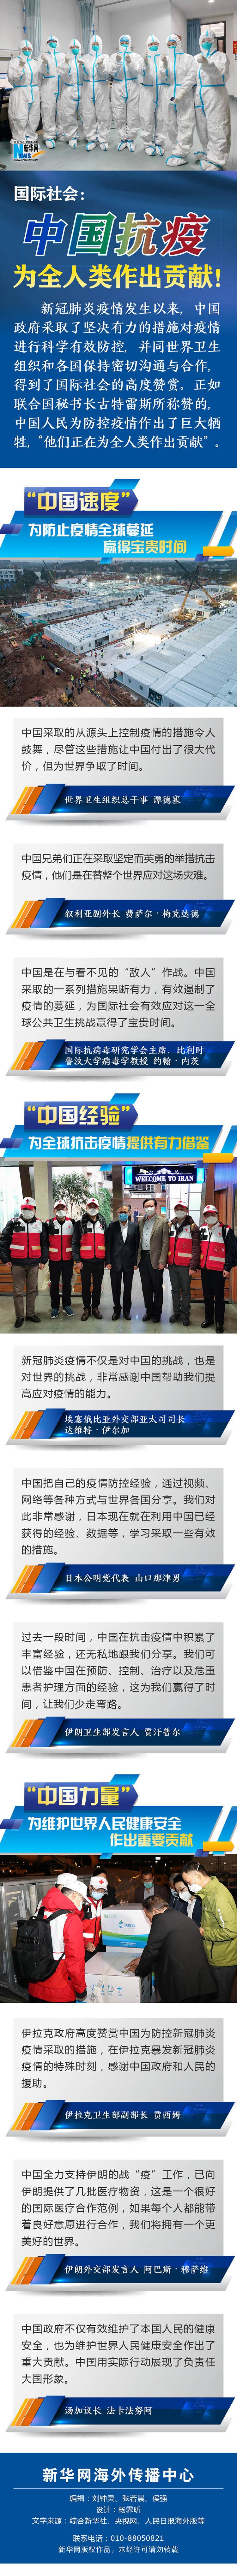 国际社会:中国抗疫为全人类作出贡献!